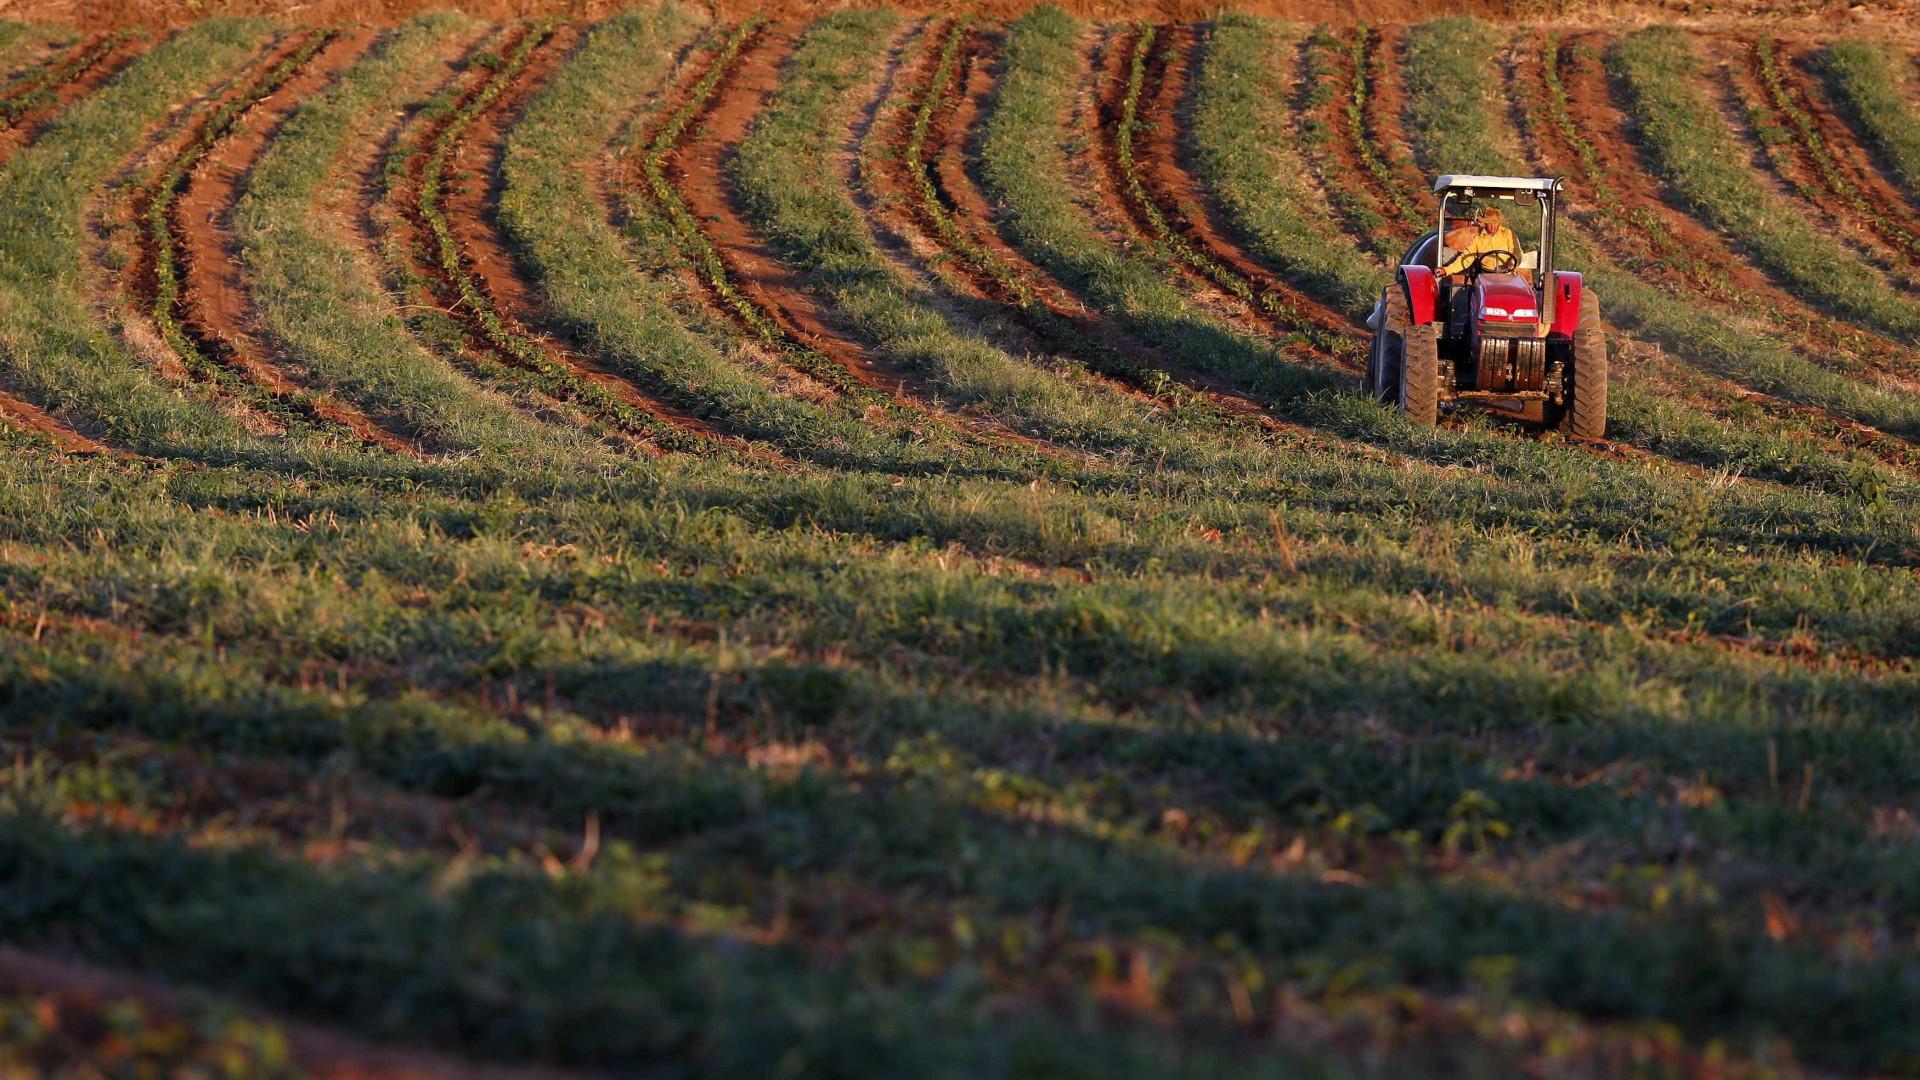 Governo autorizado a reforçar projetos de agricultura e pescas